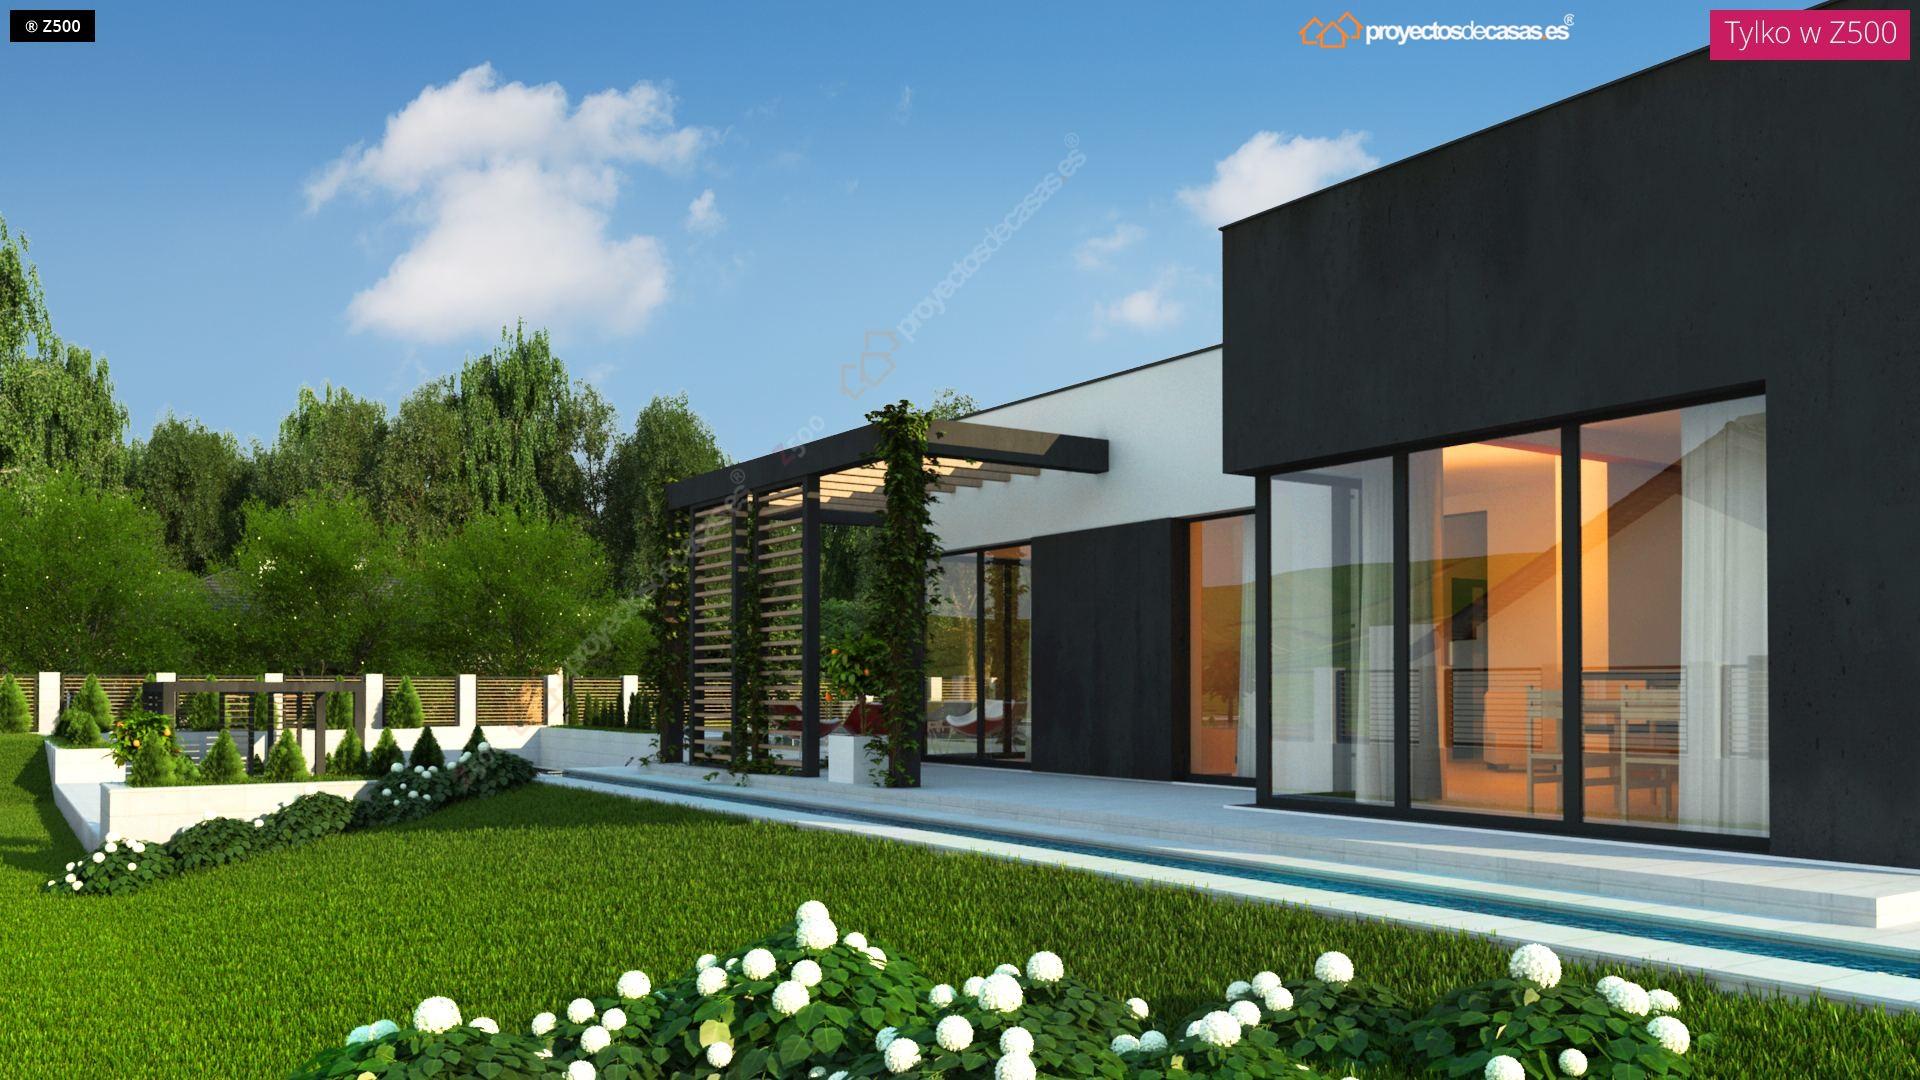 Proyectos de casas casa moderna de 1 planta con piscina for Plantas modernas para jardin